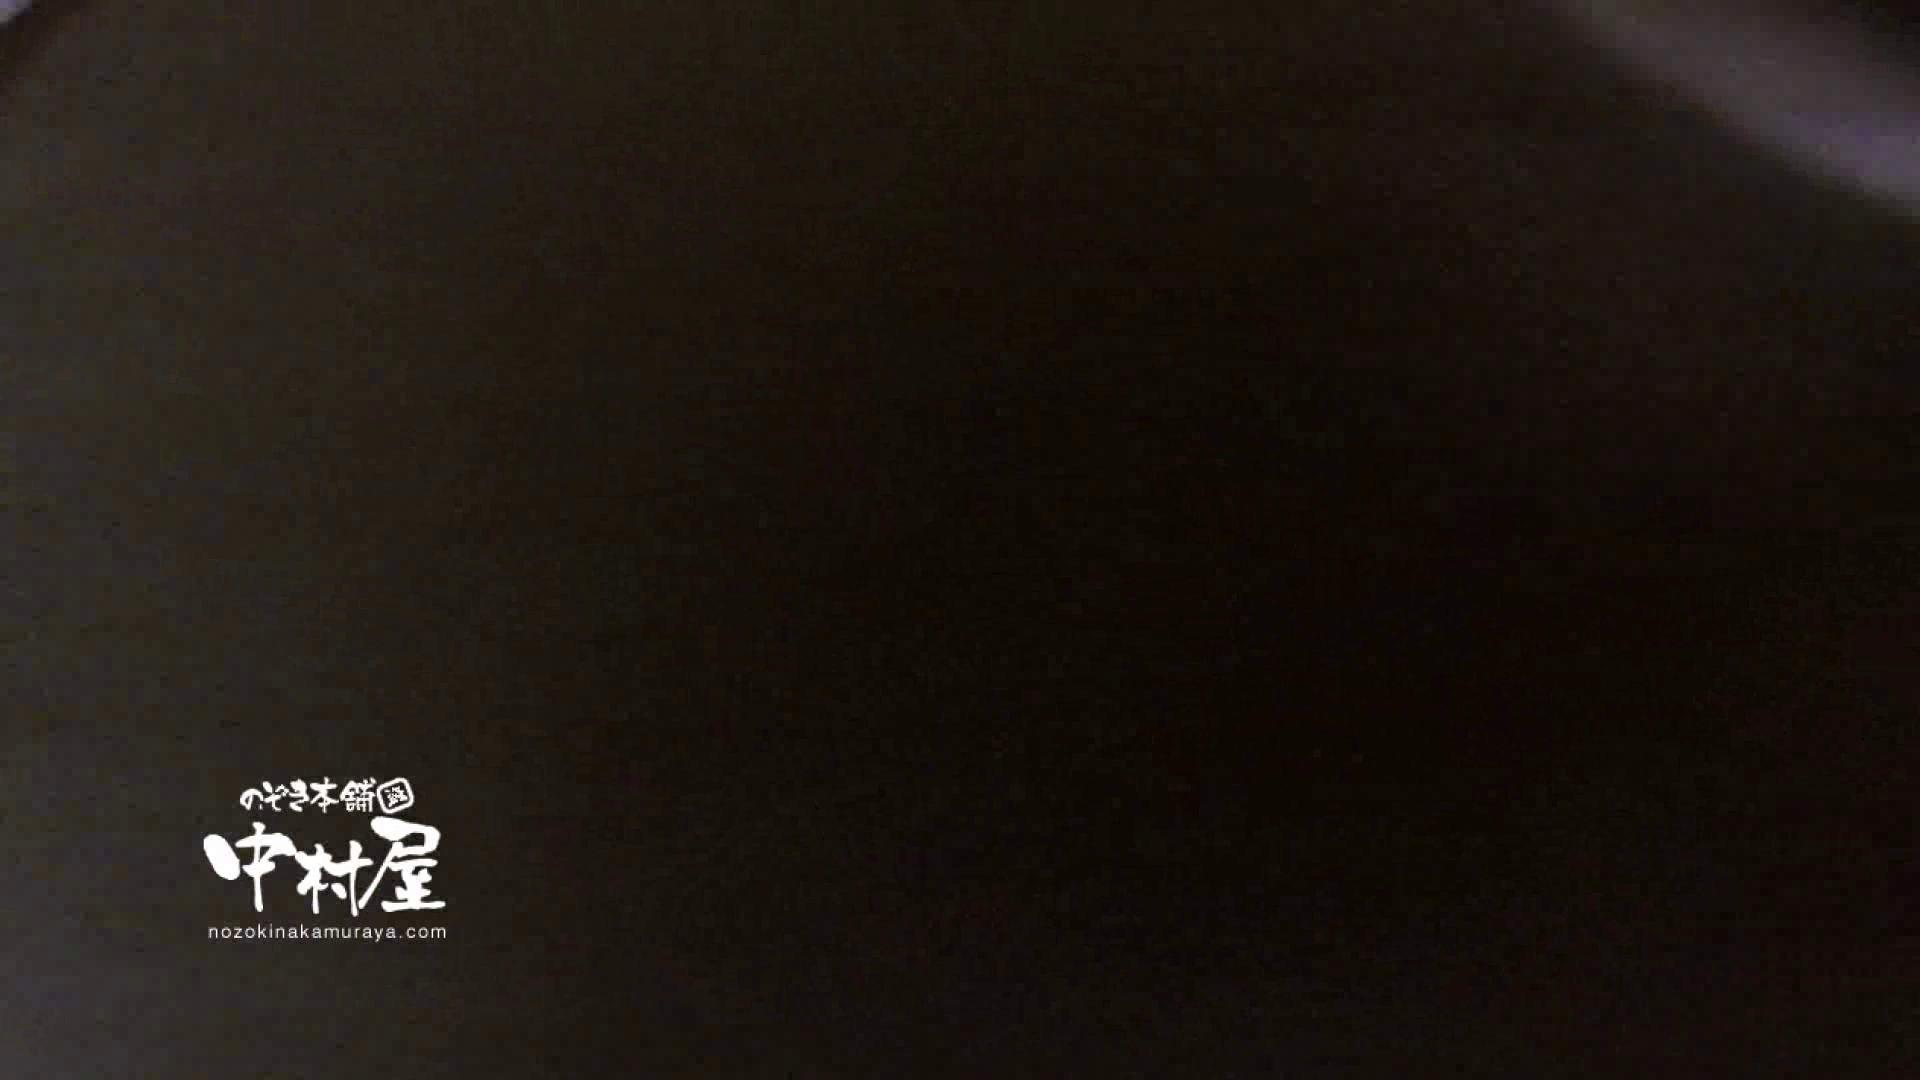 鬼畜 vol.10 あぁ無情…中出しパイパン! 前編 鬼畜   パイパン  61pic 30